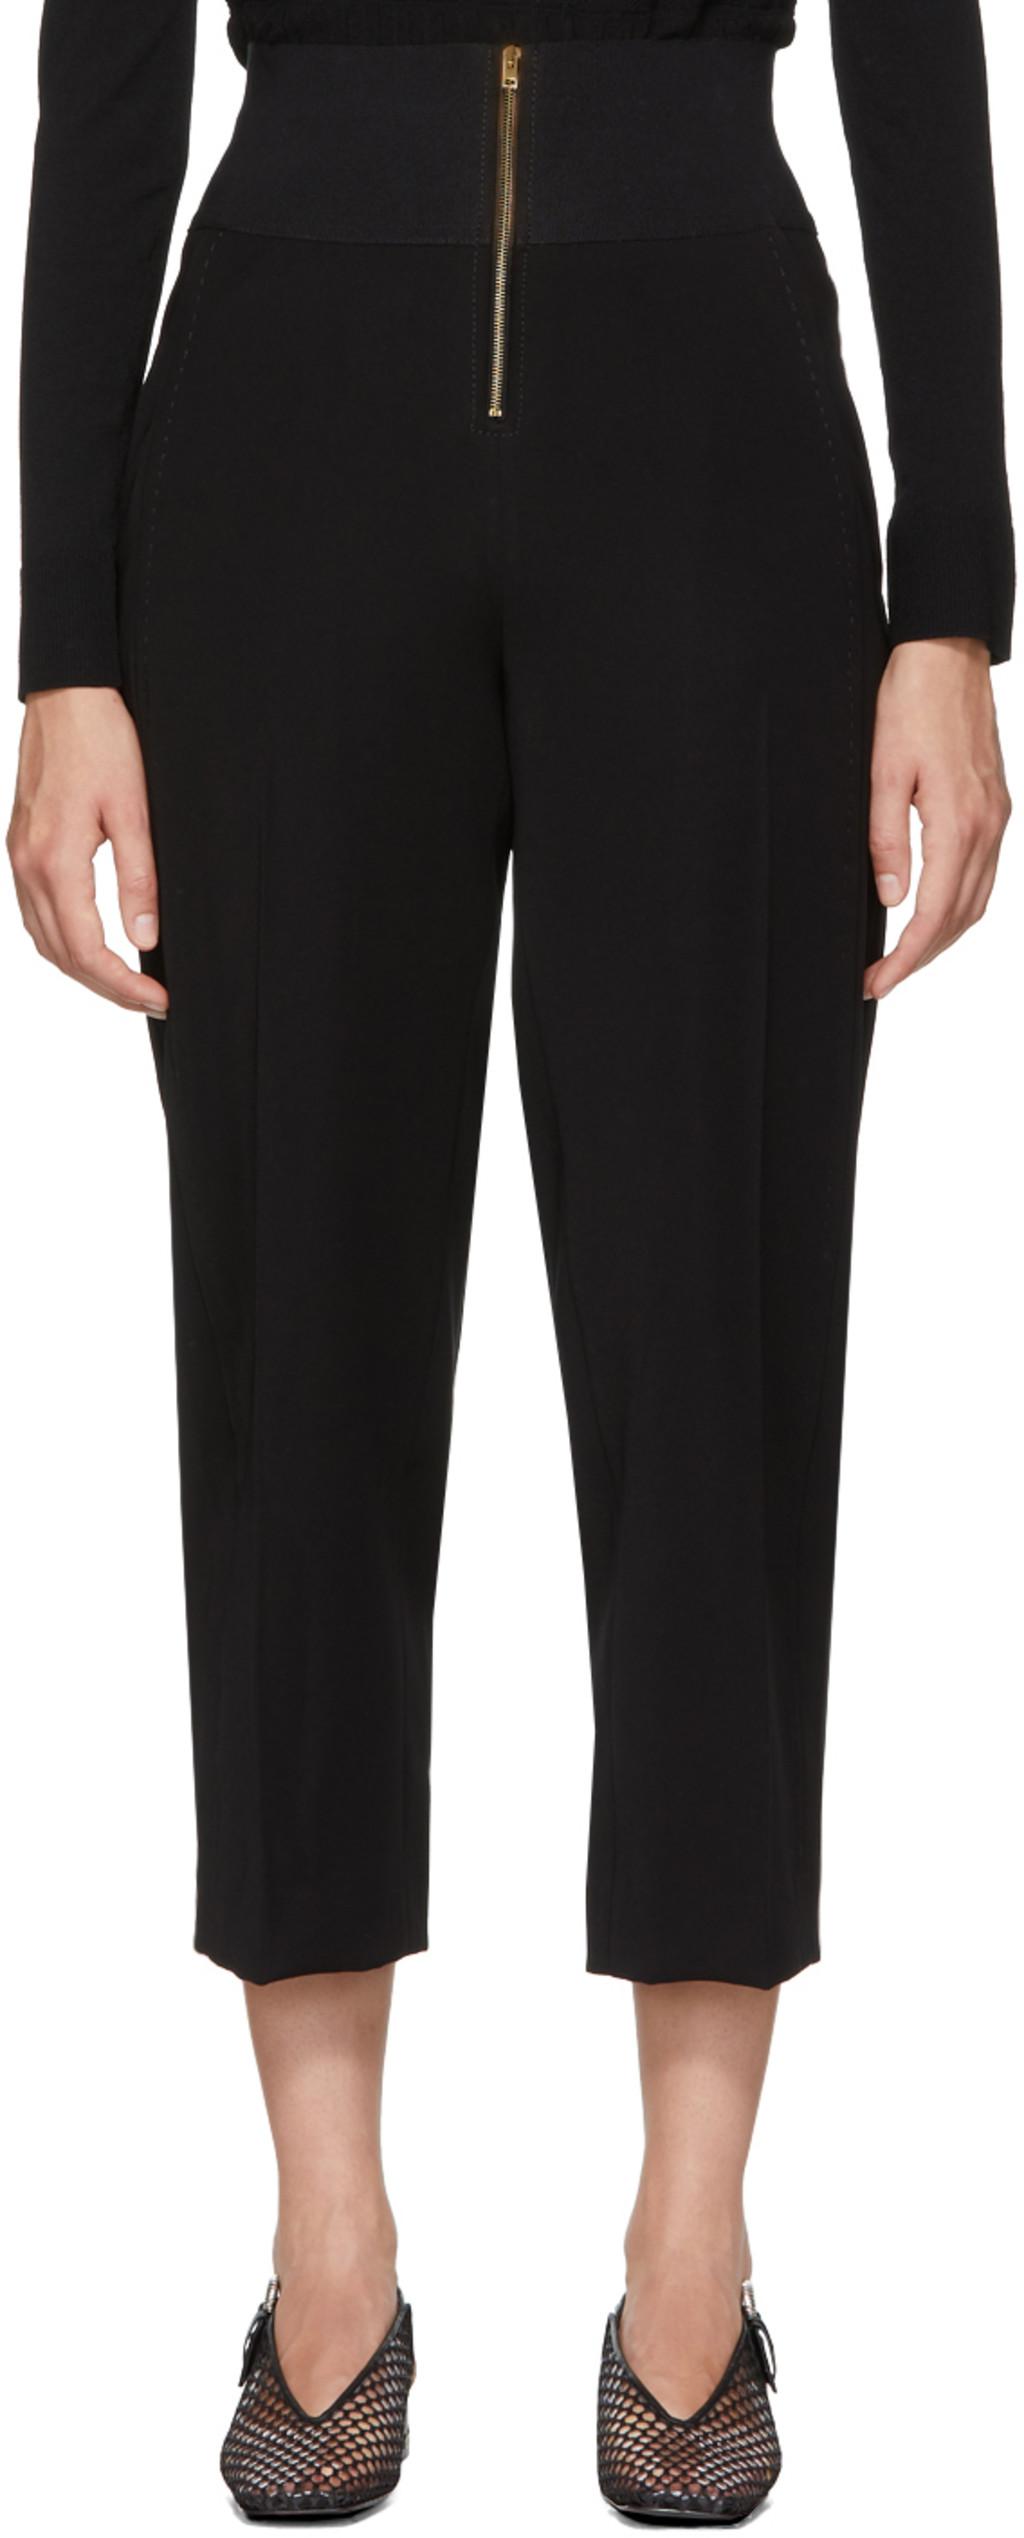 e7e0a3f3cbcec Carven pantalons pour Femmes   SSENSE France